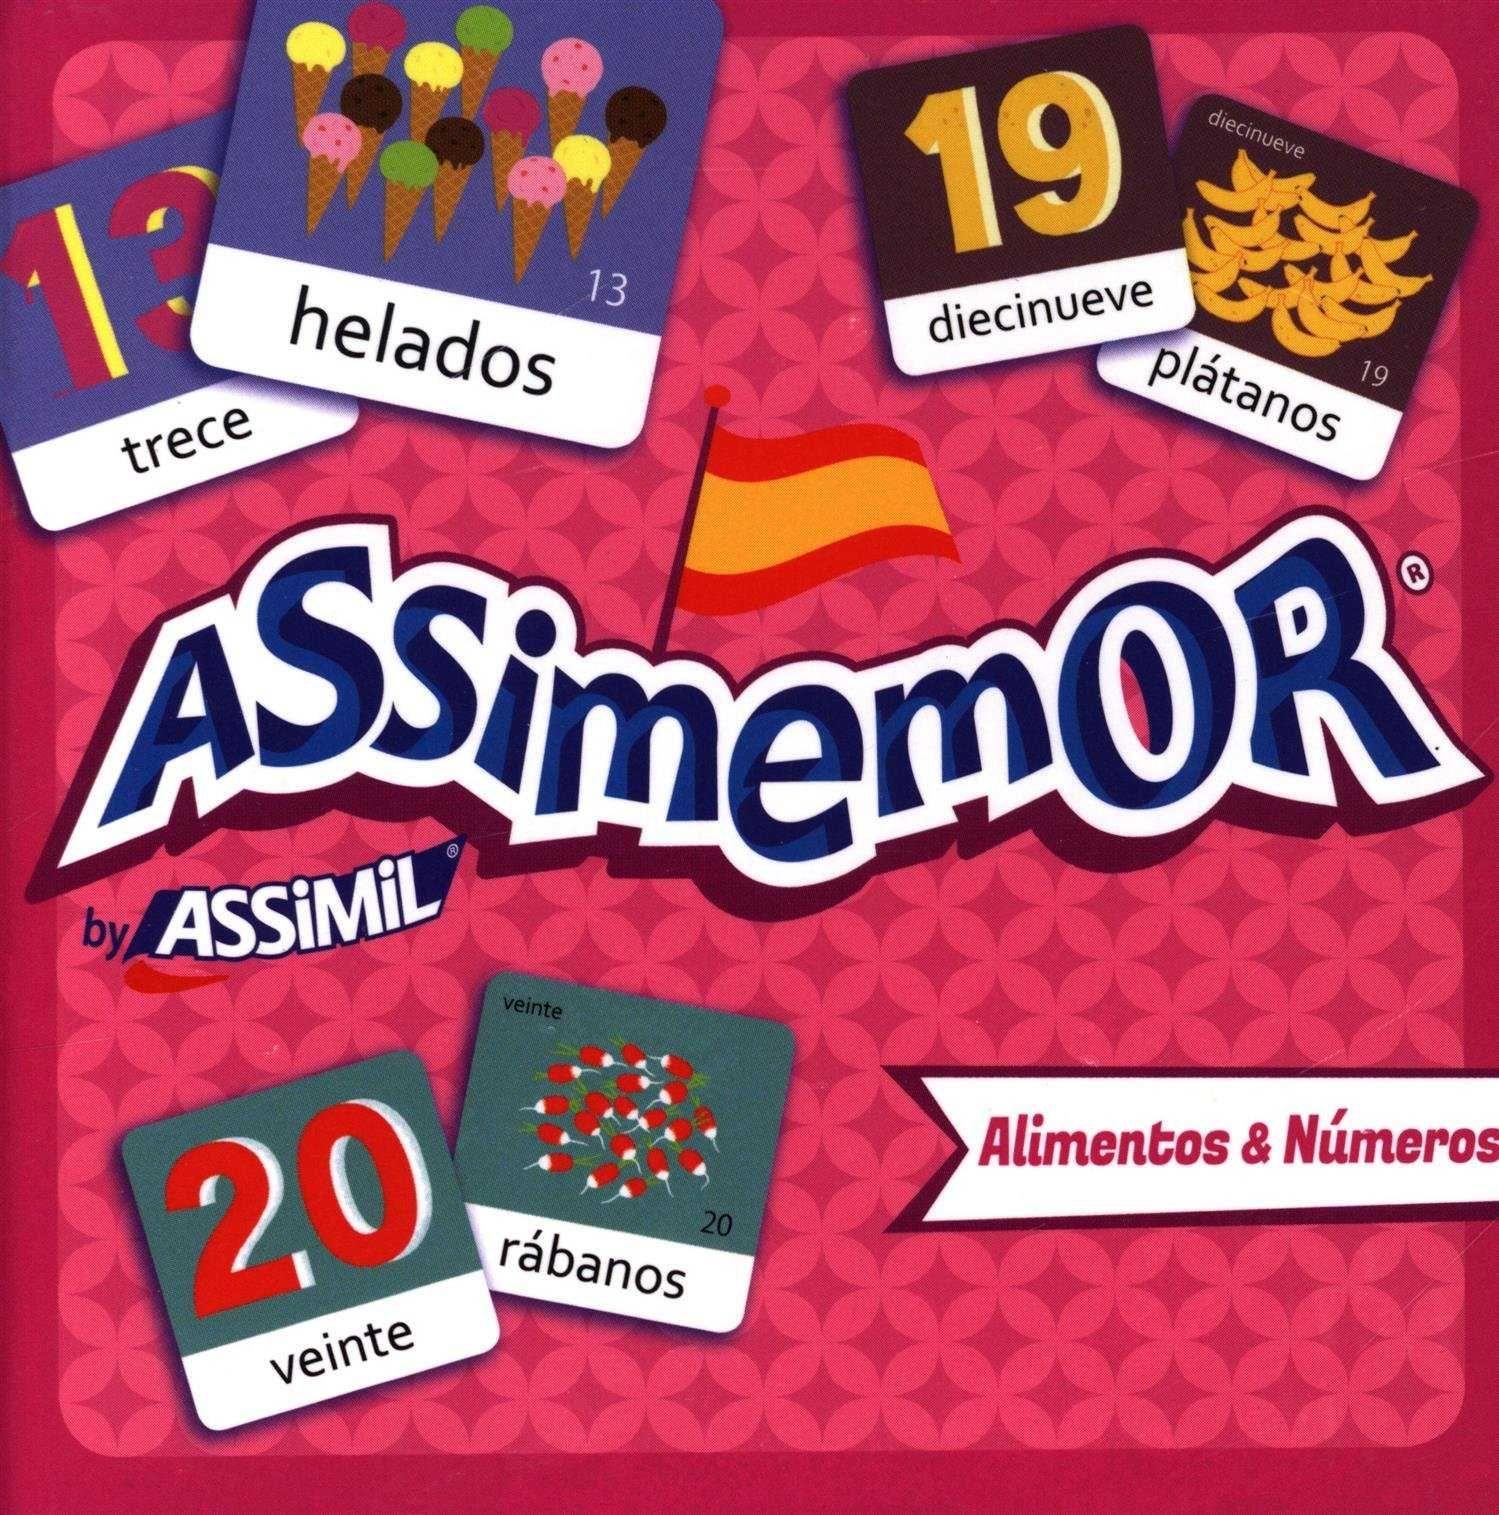 ASSIMEM ESPAÑOL ALIMENTOS NUMEROS